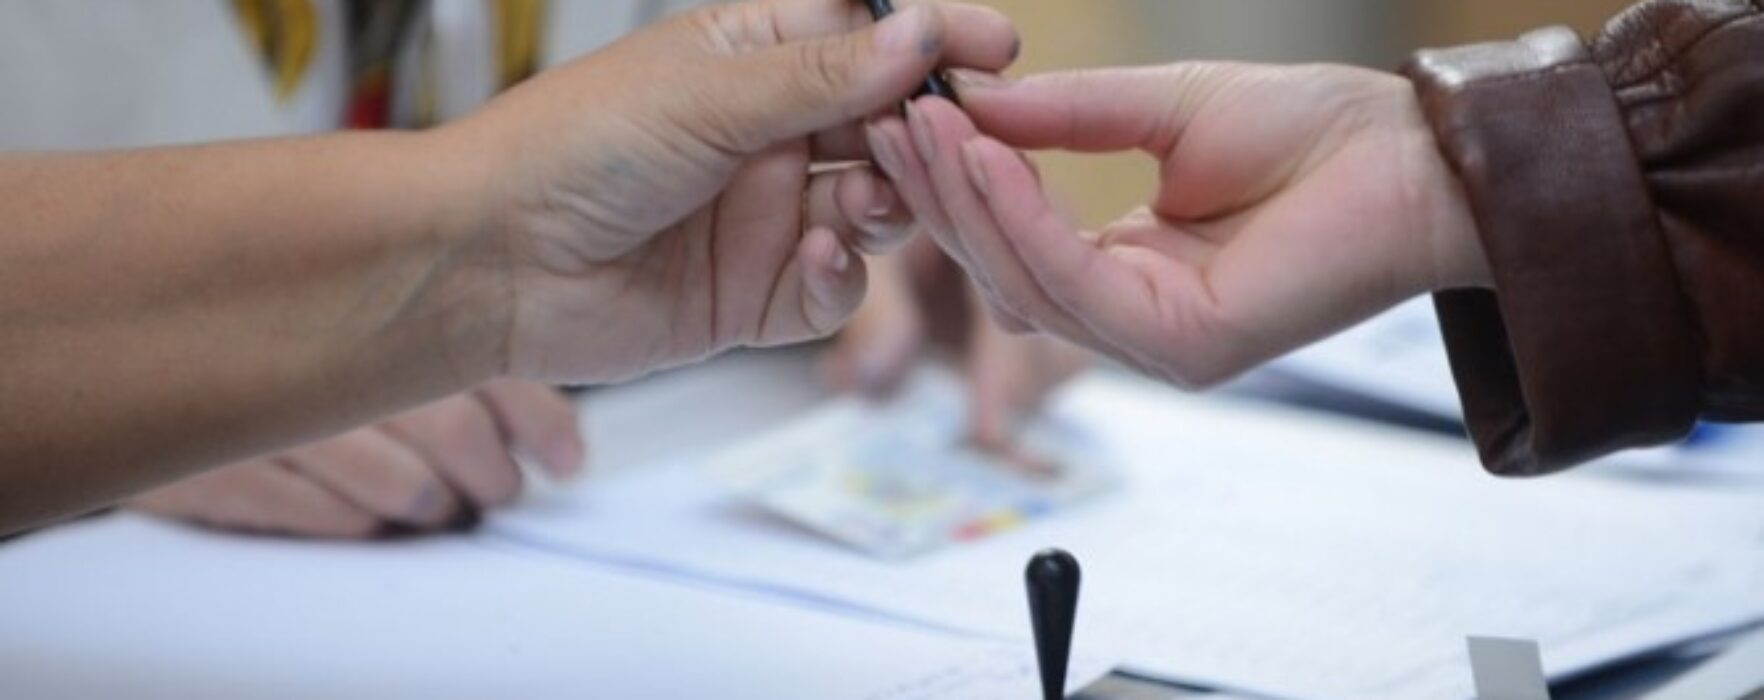 #parlamentare2016 Dâmboviţa: Nici nu a început bine campania electorală şi patru candidaţi au renunţat